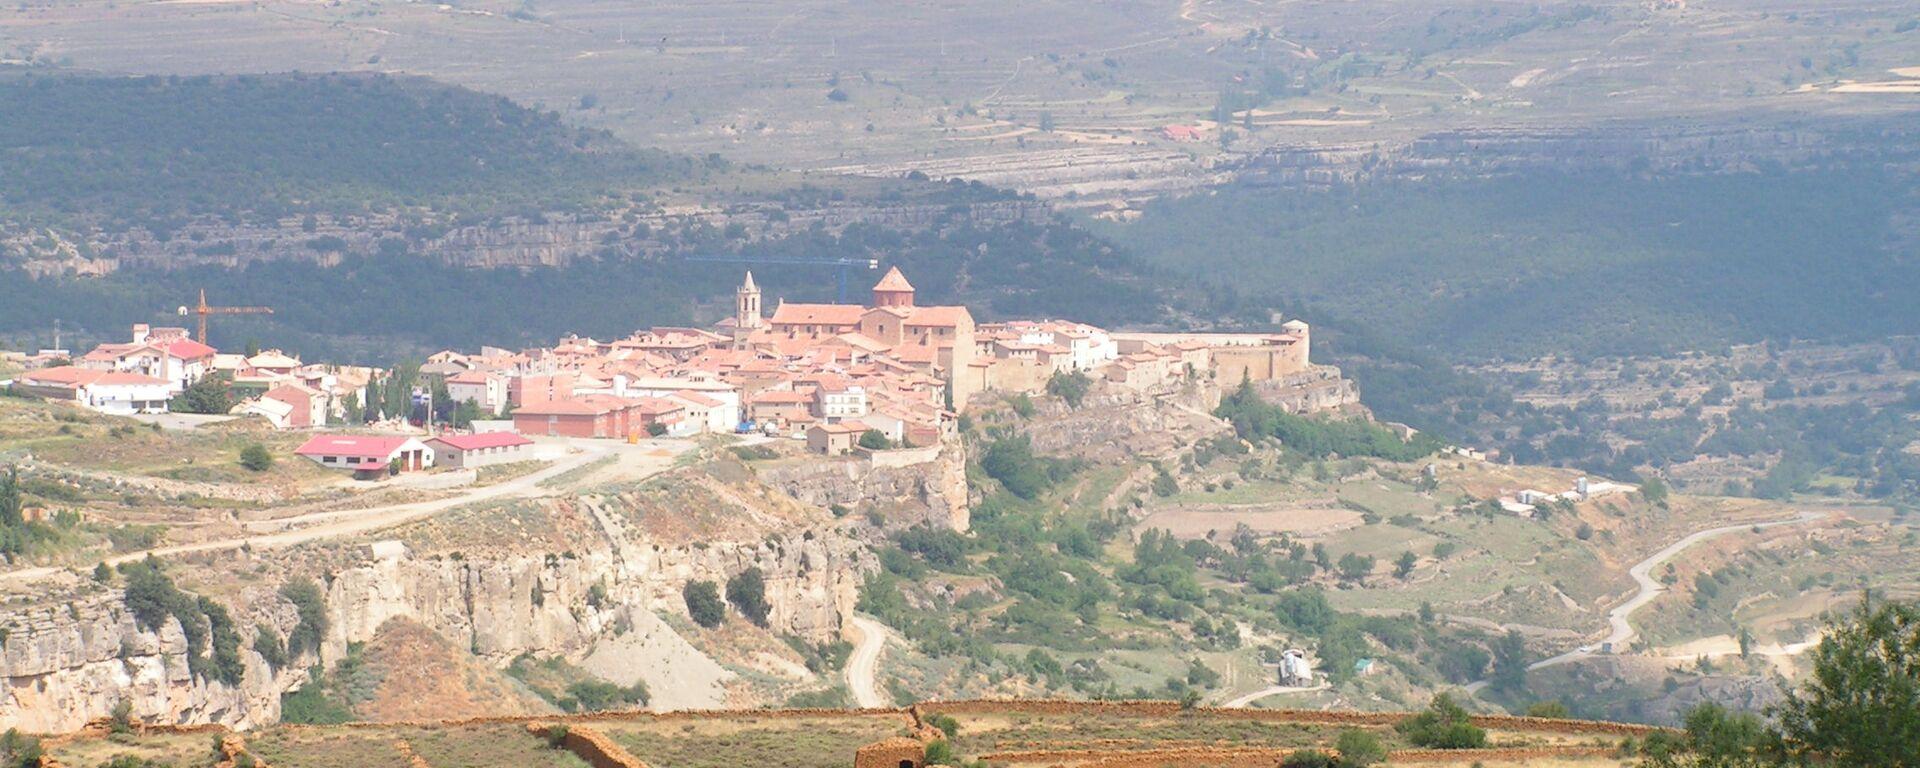 Cantavieja, municipio de la provincia de Teruel en la comunidad autónoma de Aragón, España (imagen referencial) - Sputnik Mundo, 1920, 23.04.2019